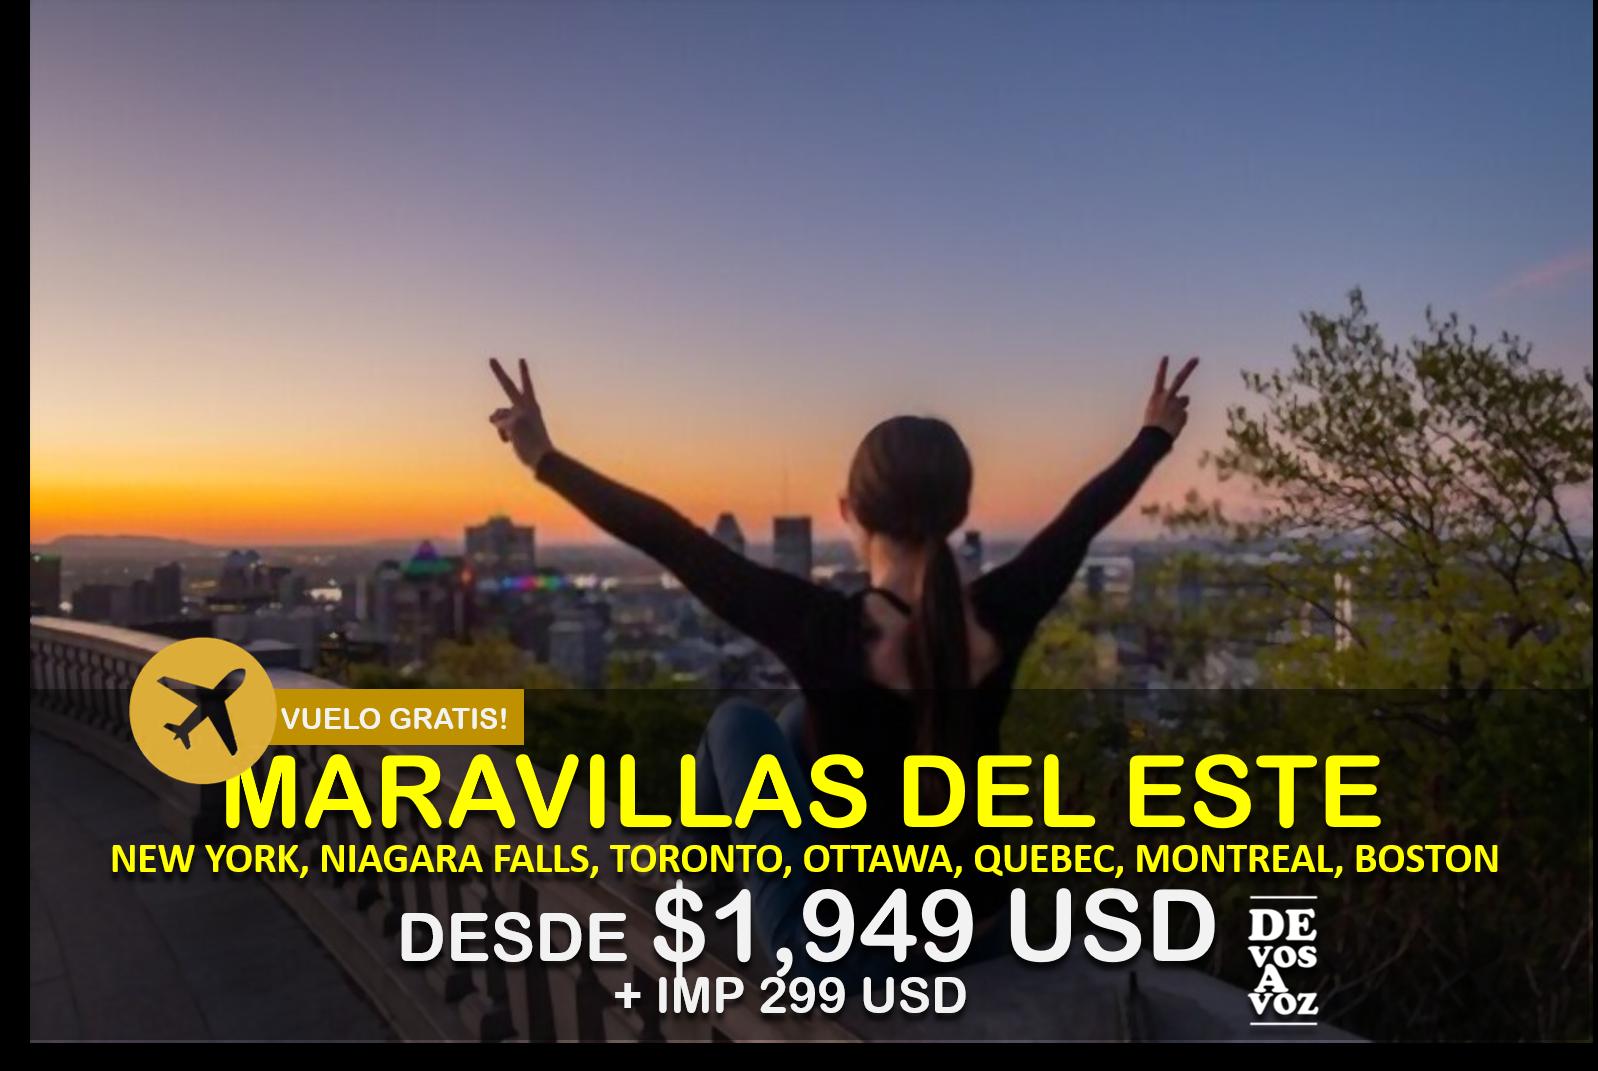 MARAVILLAS DEL ESTE